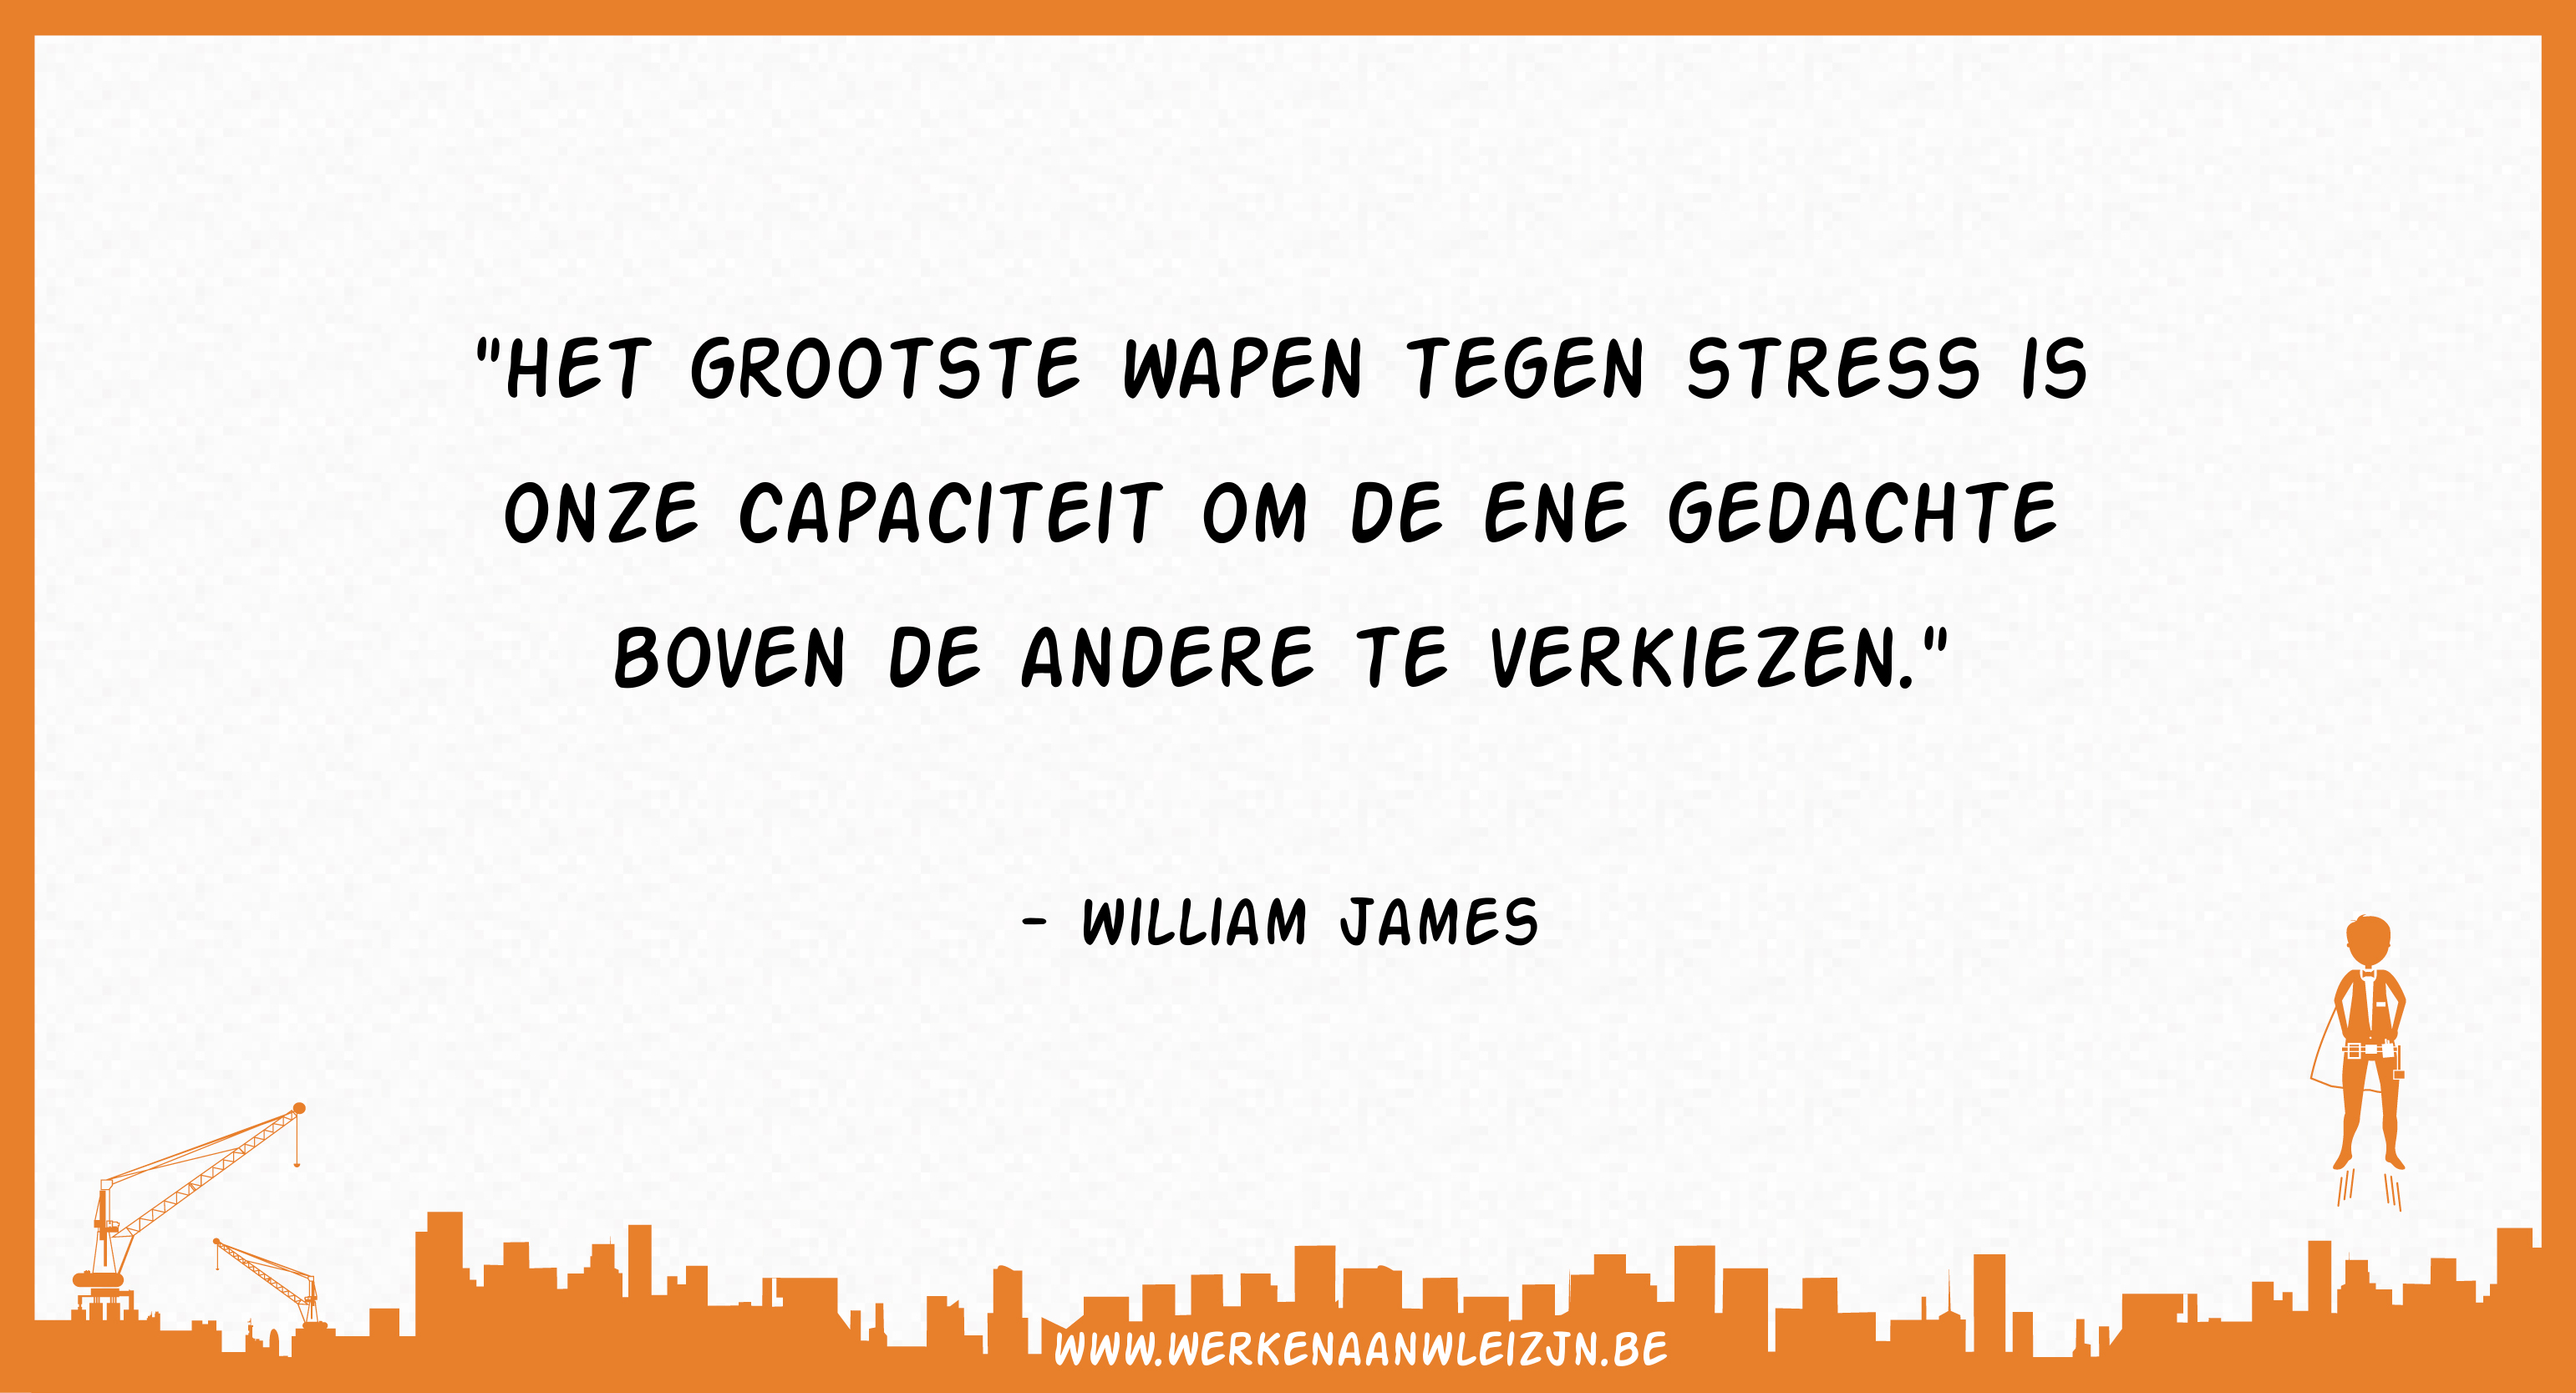 Het grootste wapen tegen stress is onze capaciteit om de ene gedacht boven de andere te verkiezen (William James)